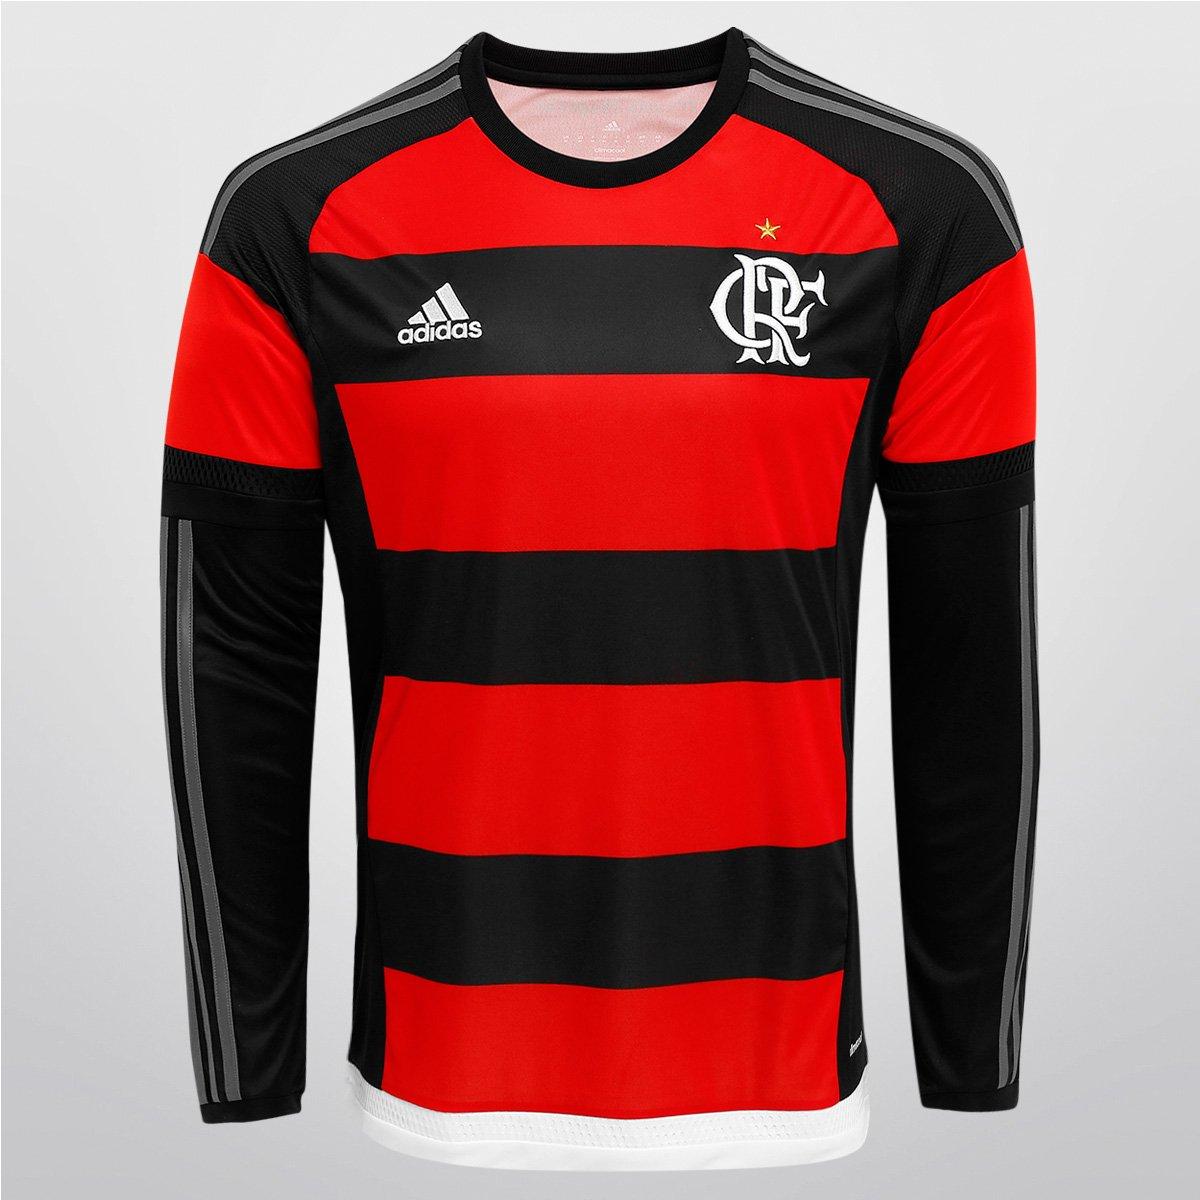 Camisa Adidas Flamengo I 15 16 s nº M L - Compre Agora  14c1dec7600e5